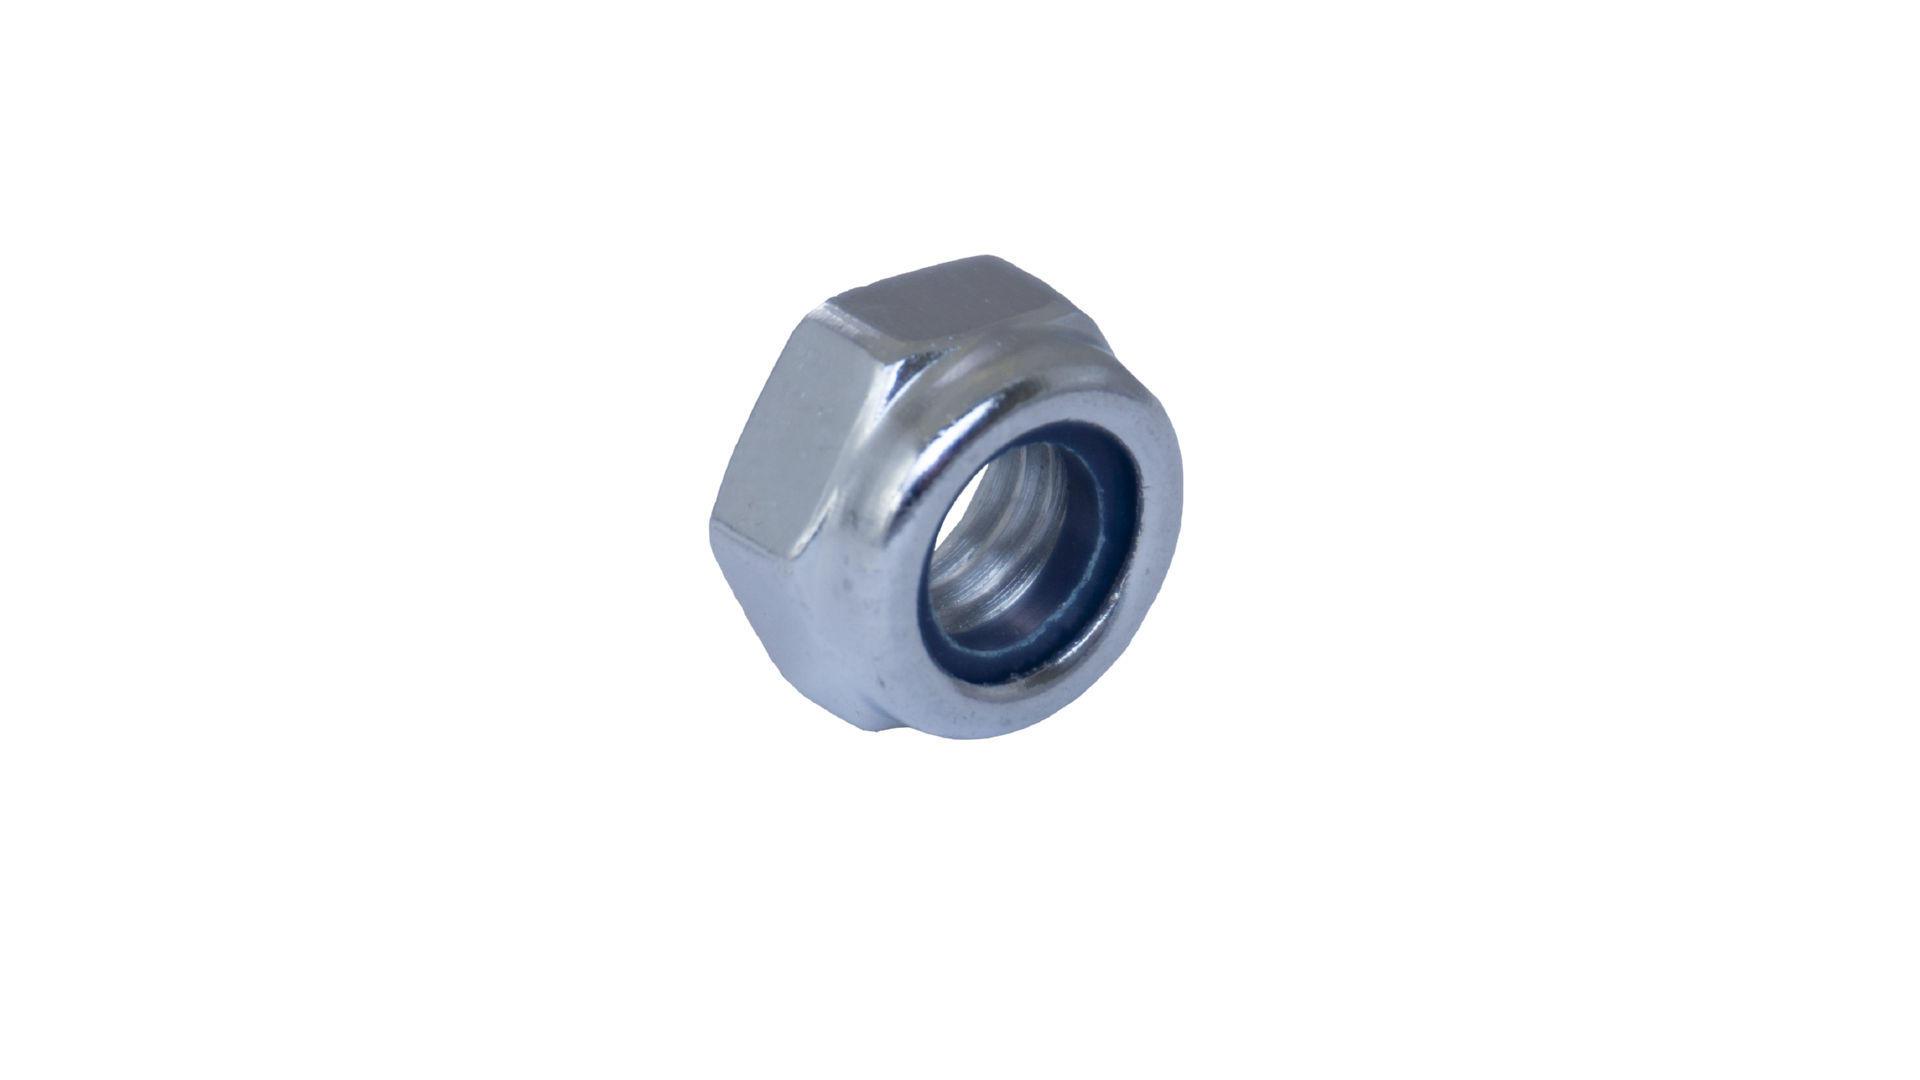 Гайка самоконтрящаяся Apro - М8 DIN 985 (50 шт.) 3